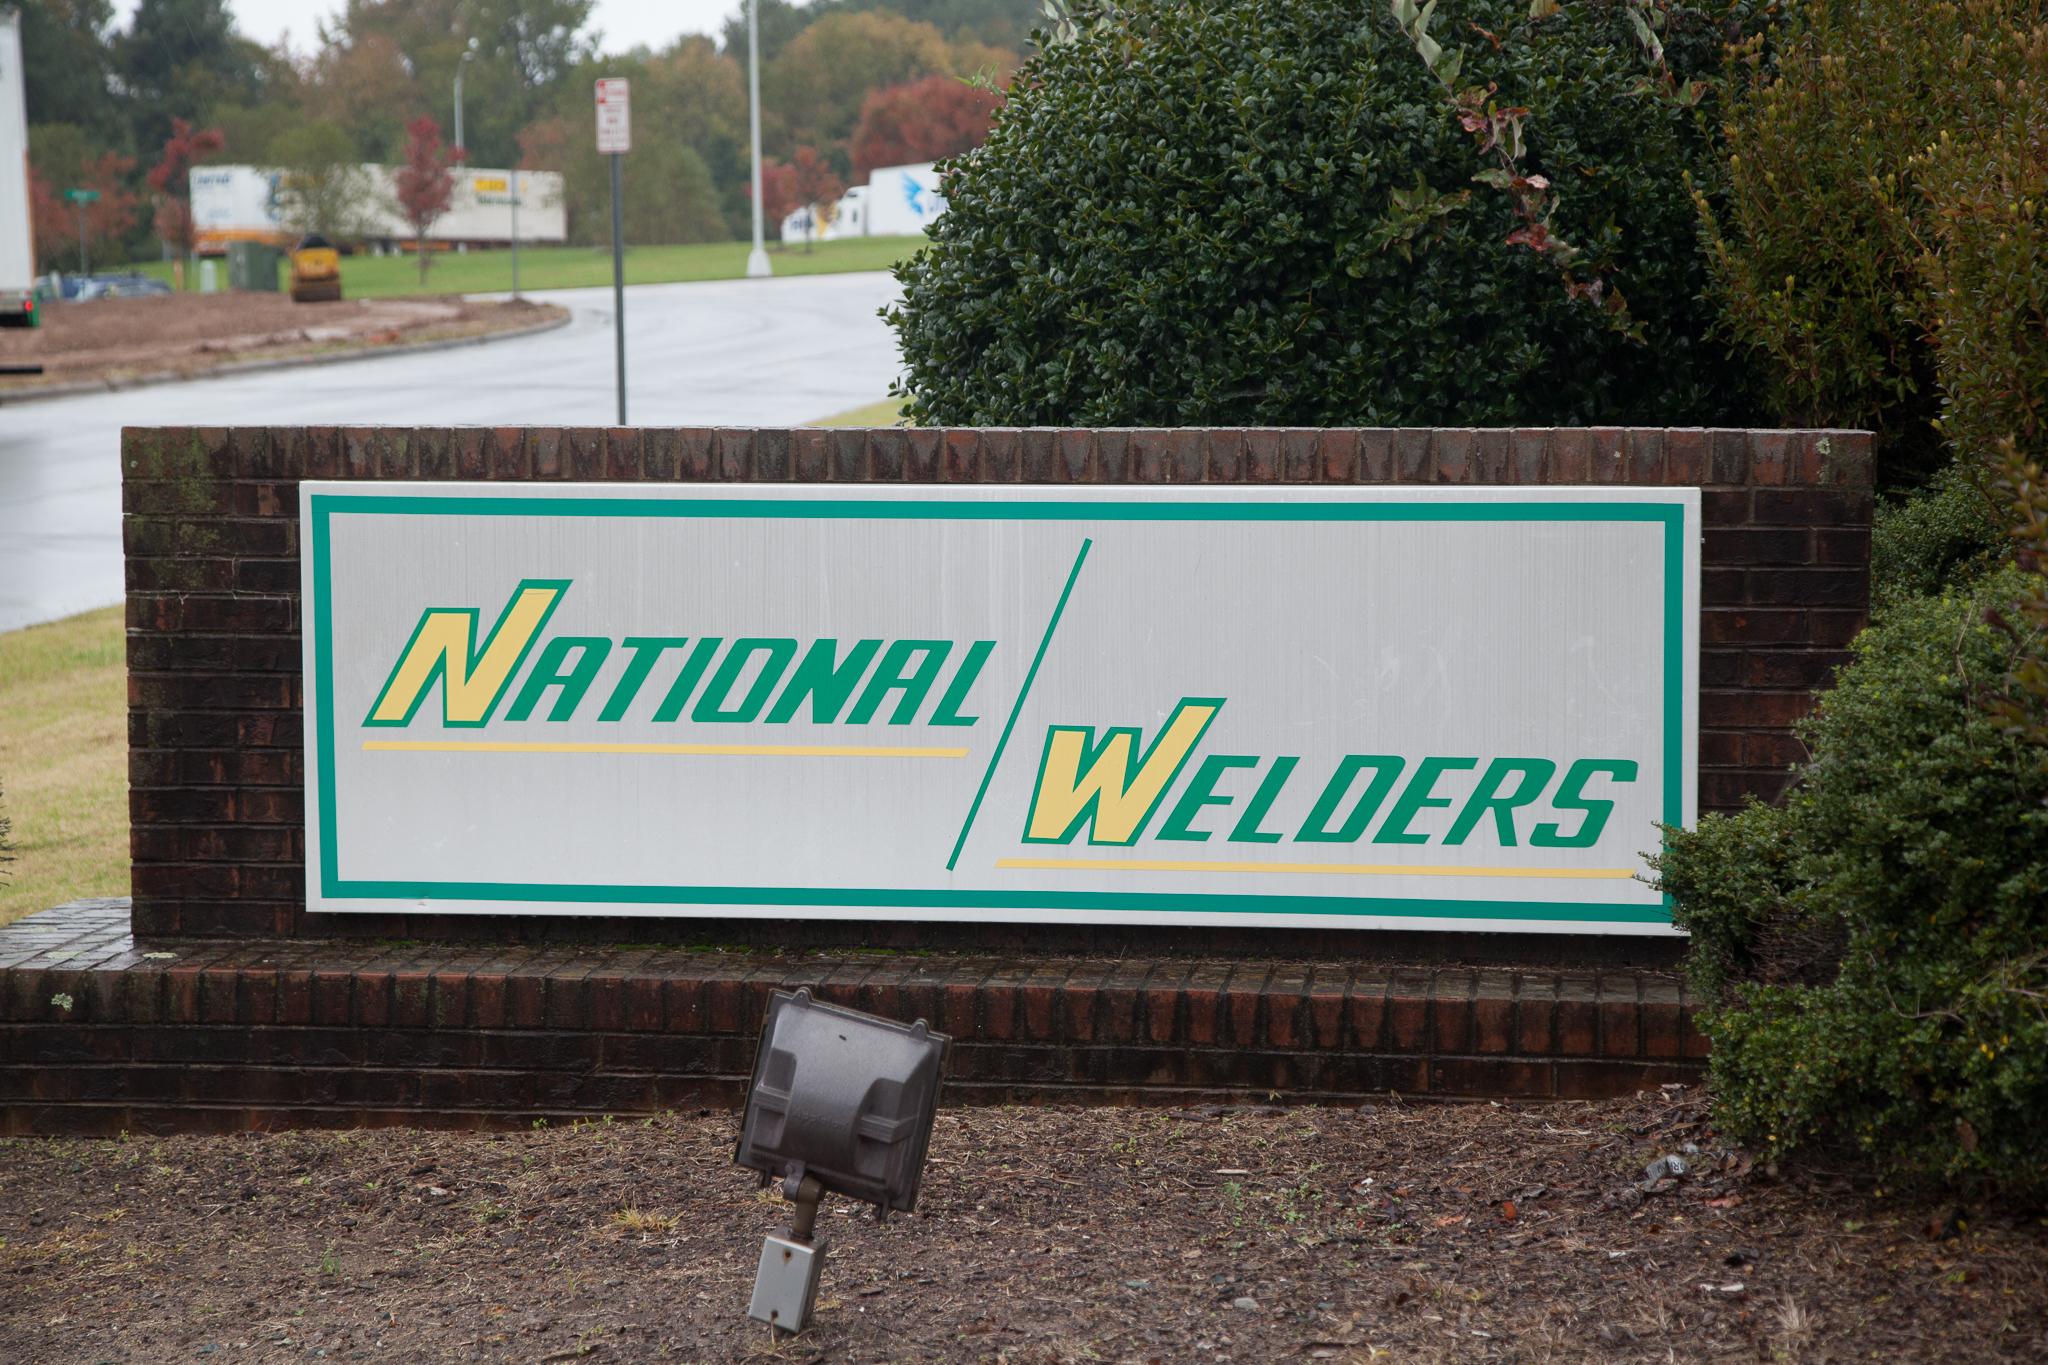 Air Gas National Welders